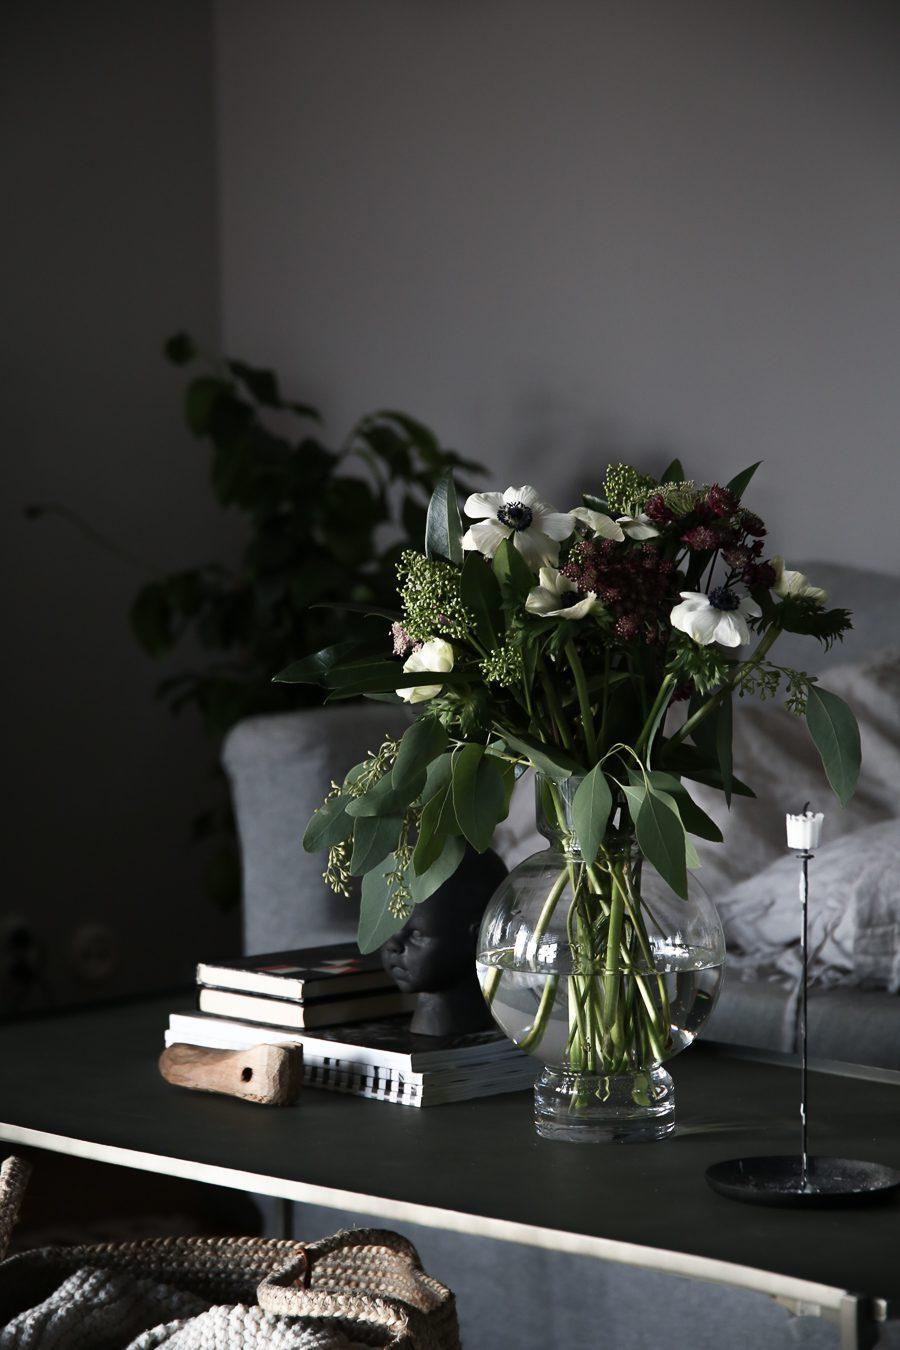 viktoria.holmgren.lovely.life.vas.housedoctor